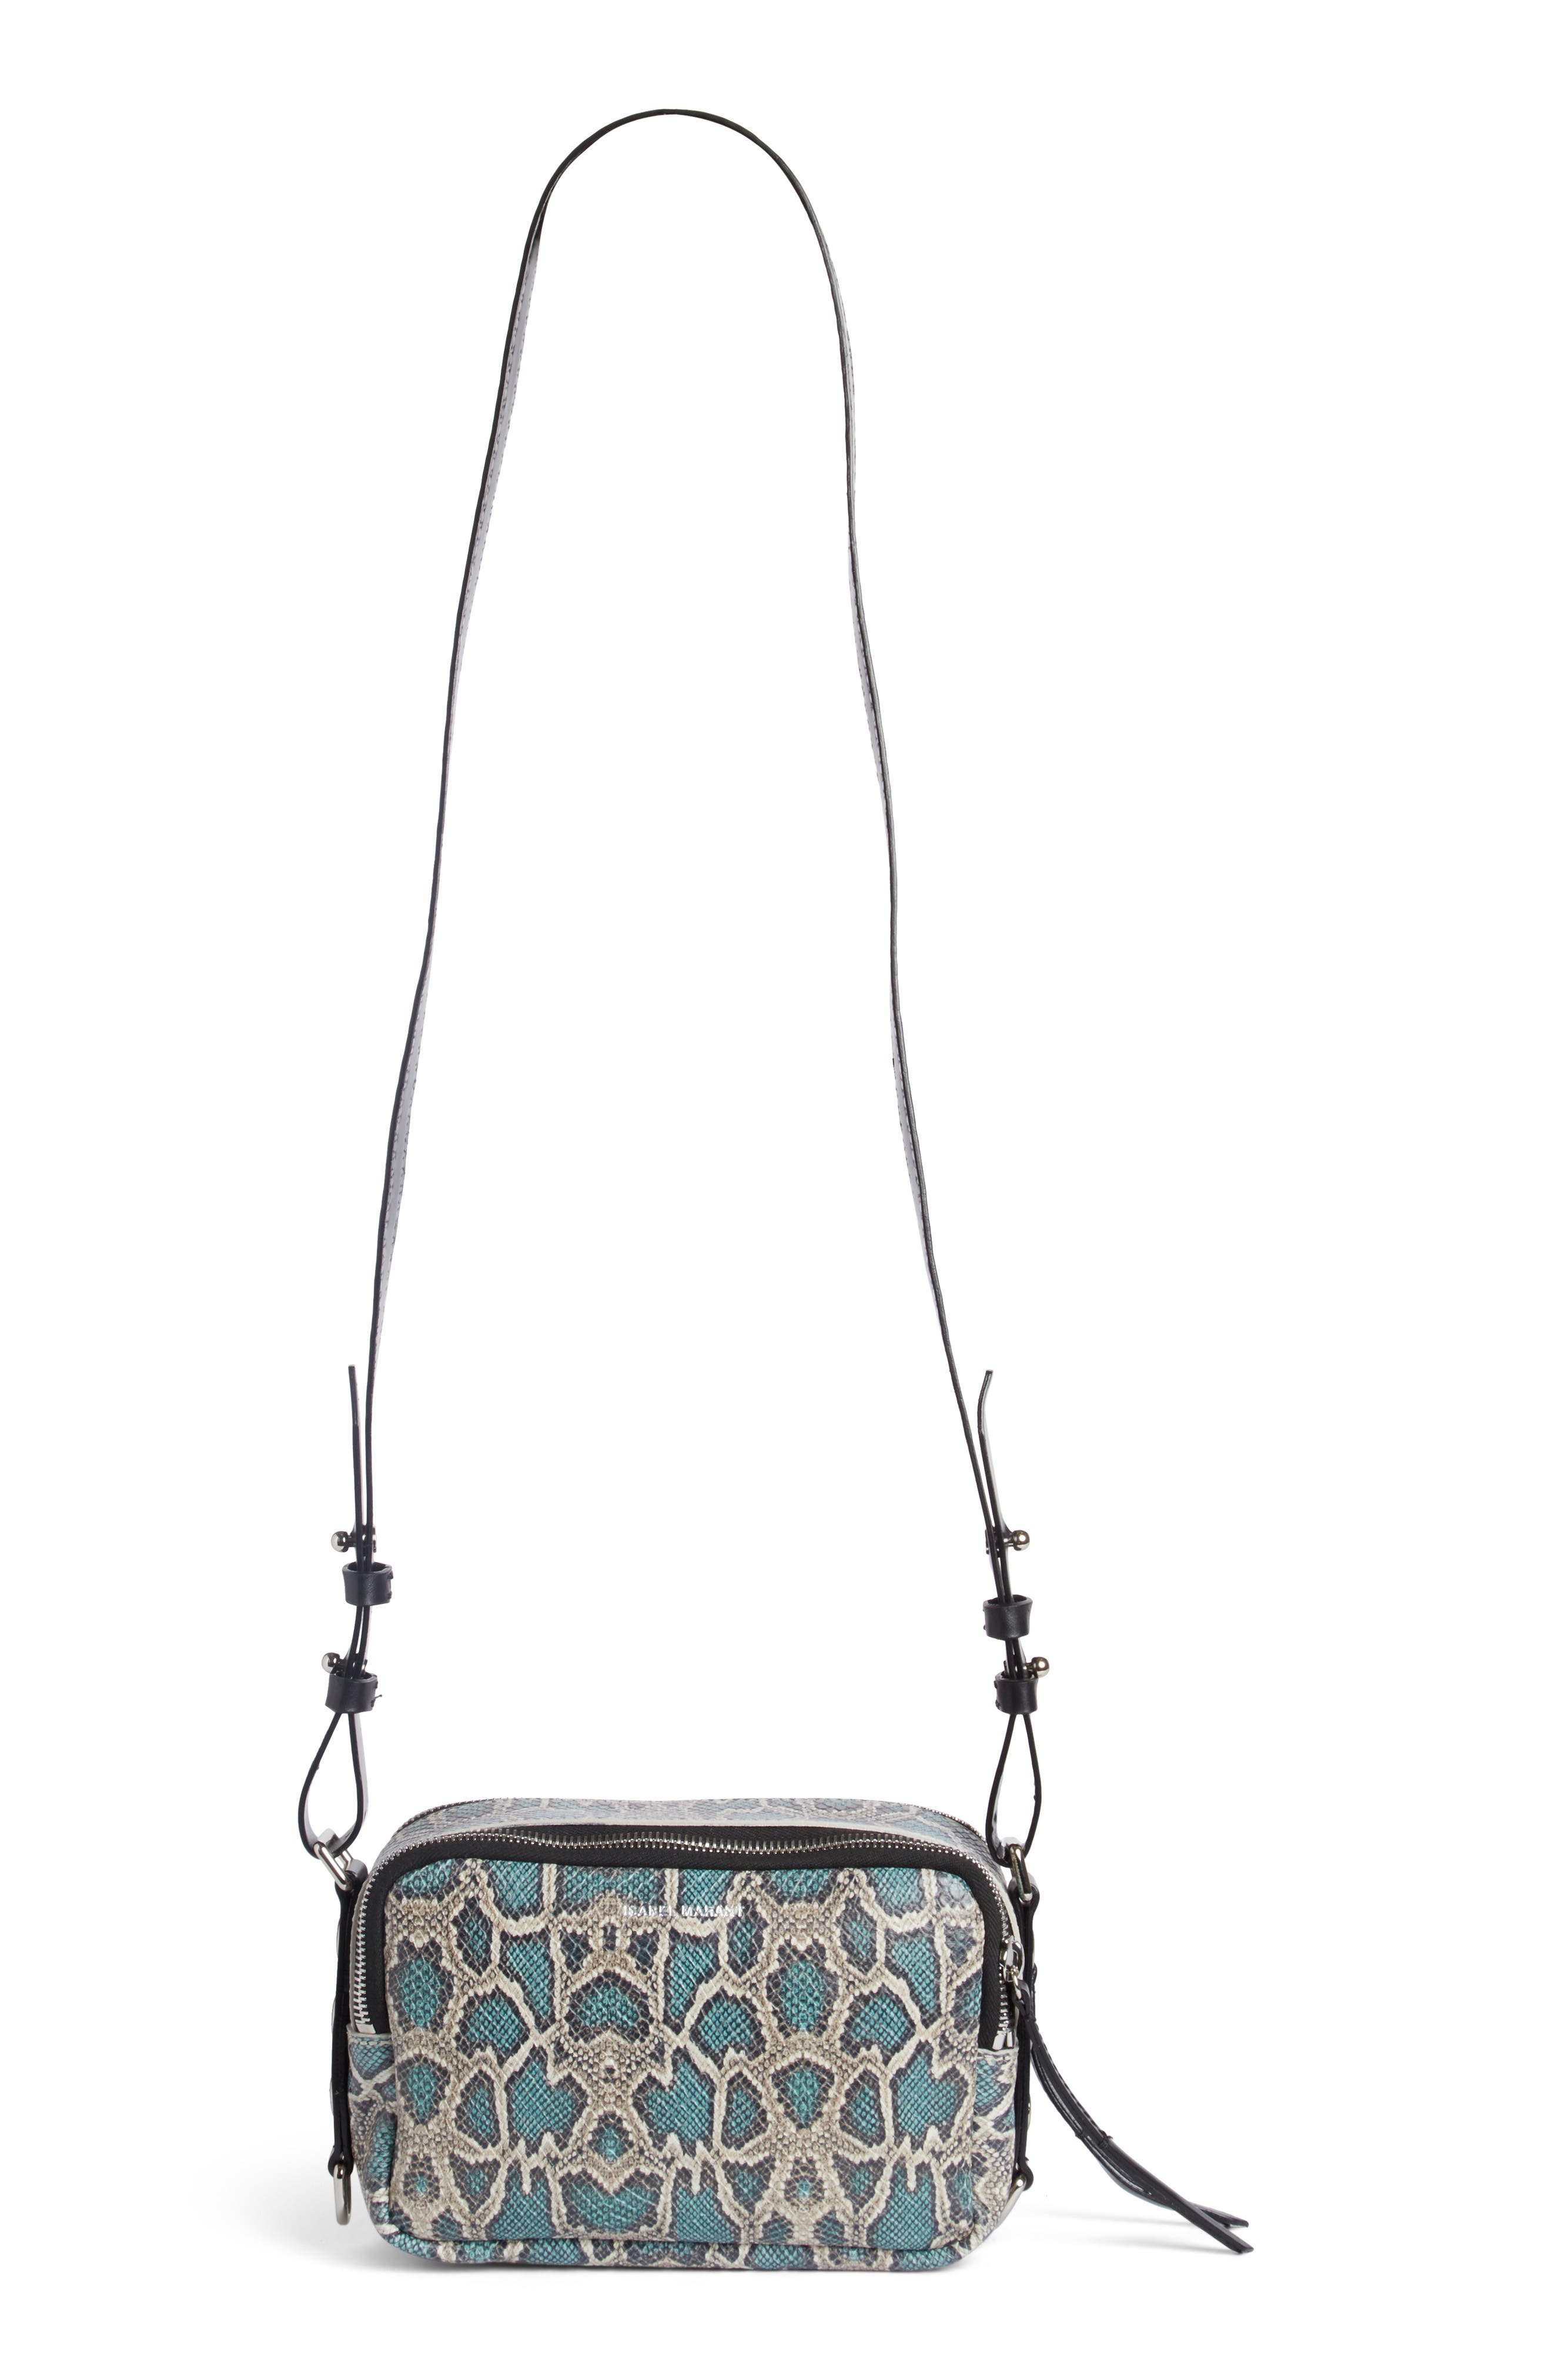 Main Image - Isabel Marant Tinley Studded Leather Crossbody Bag